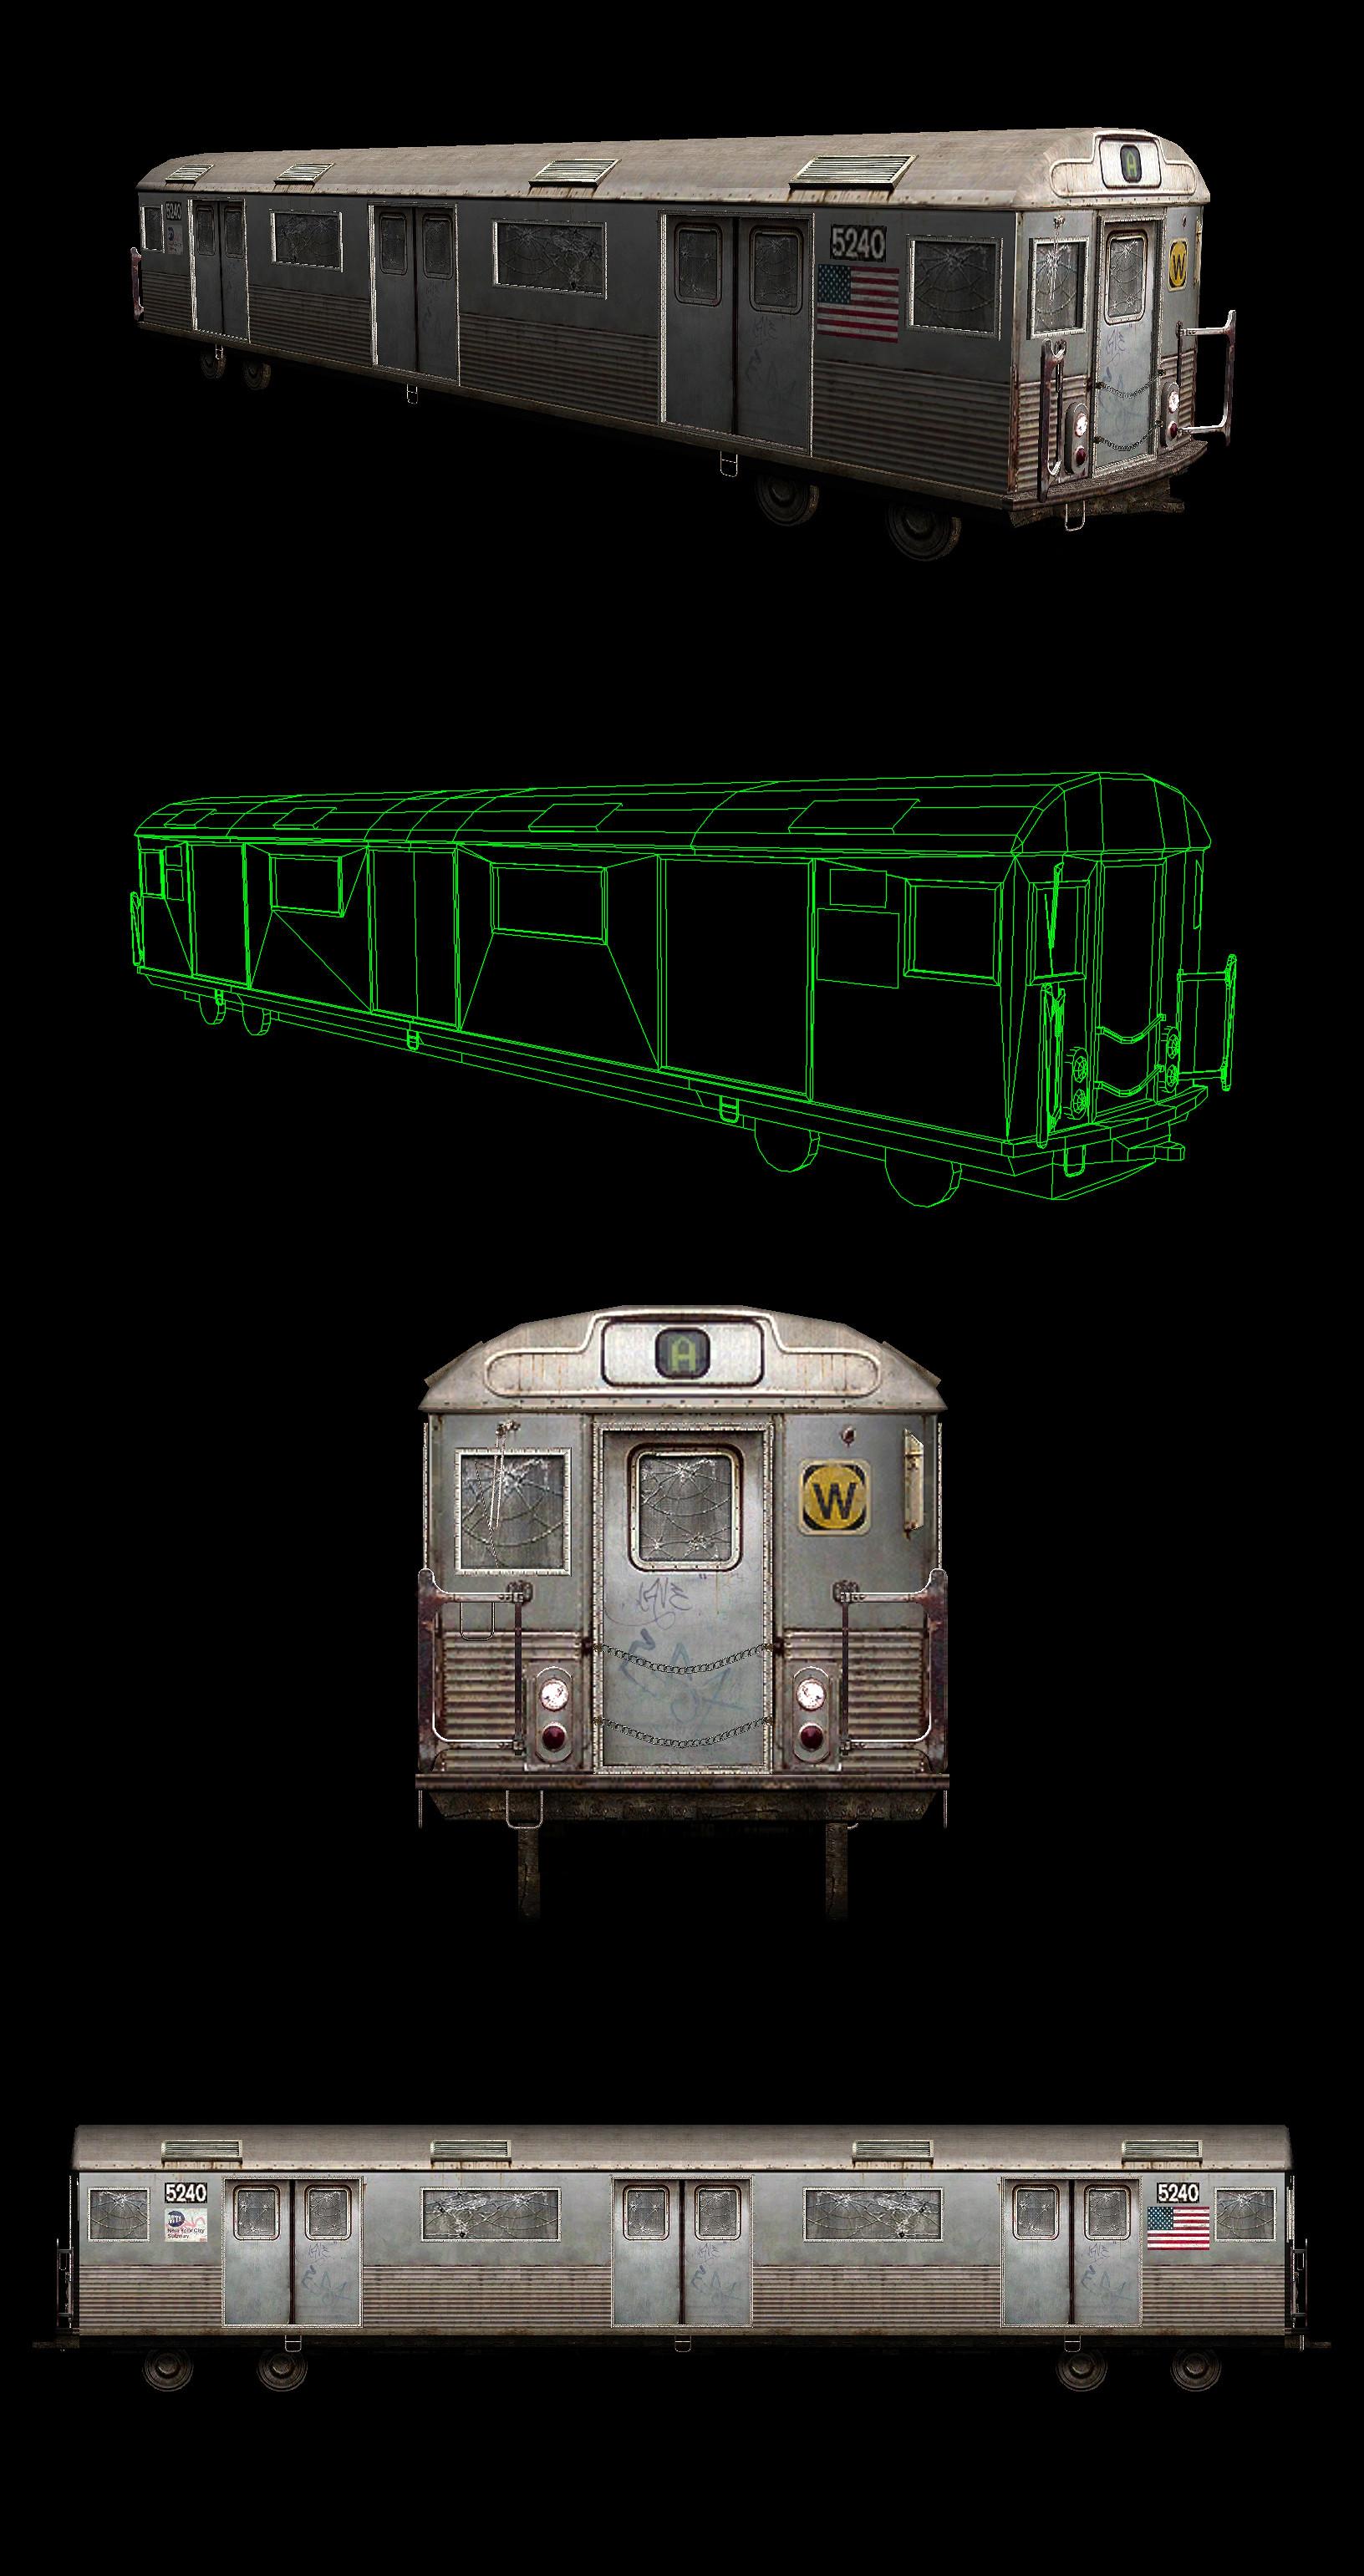 Wayne dalton prototype2 2012 0012